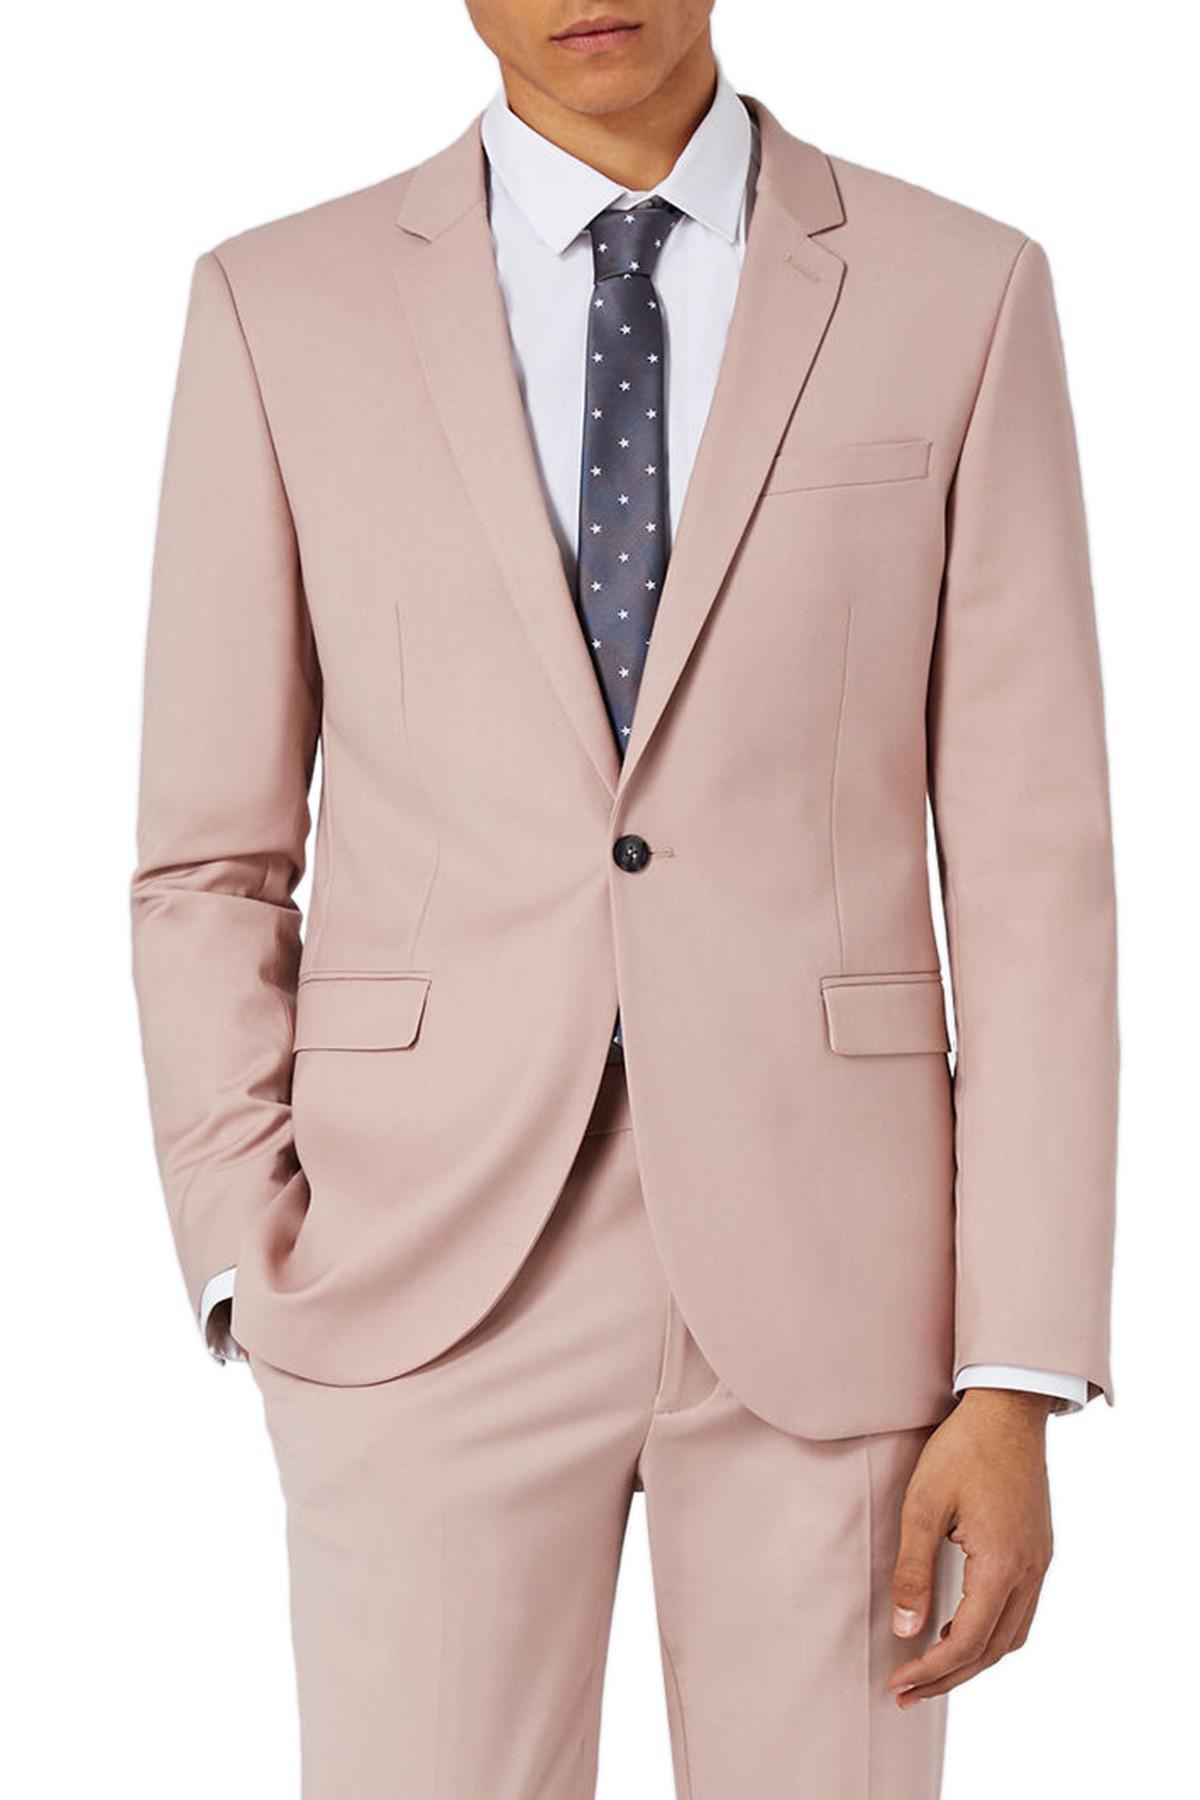 Bonito Topman Wedding Suits Embellecimiento - Colección de Vestidos ...